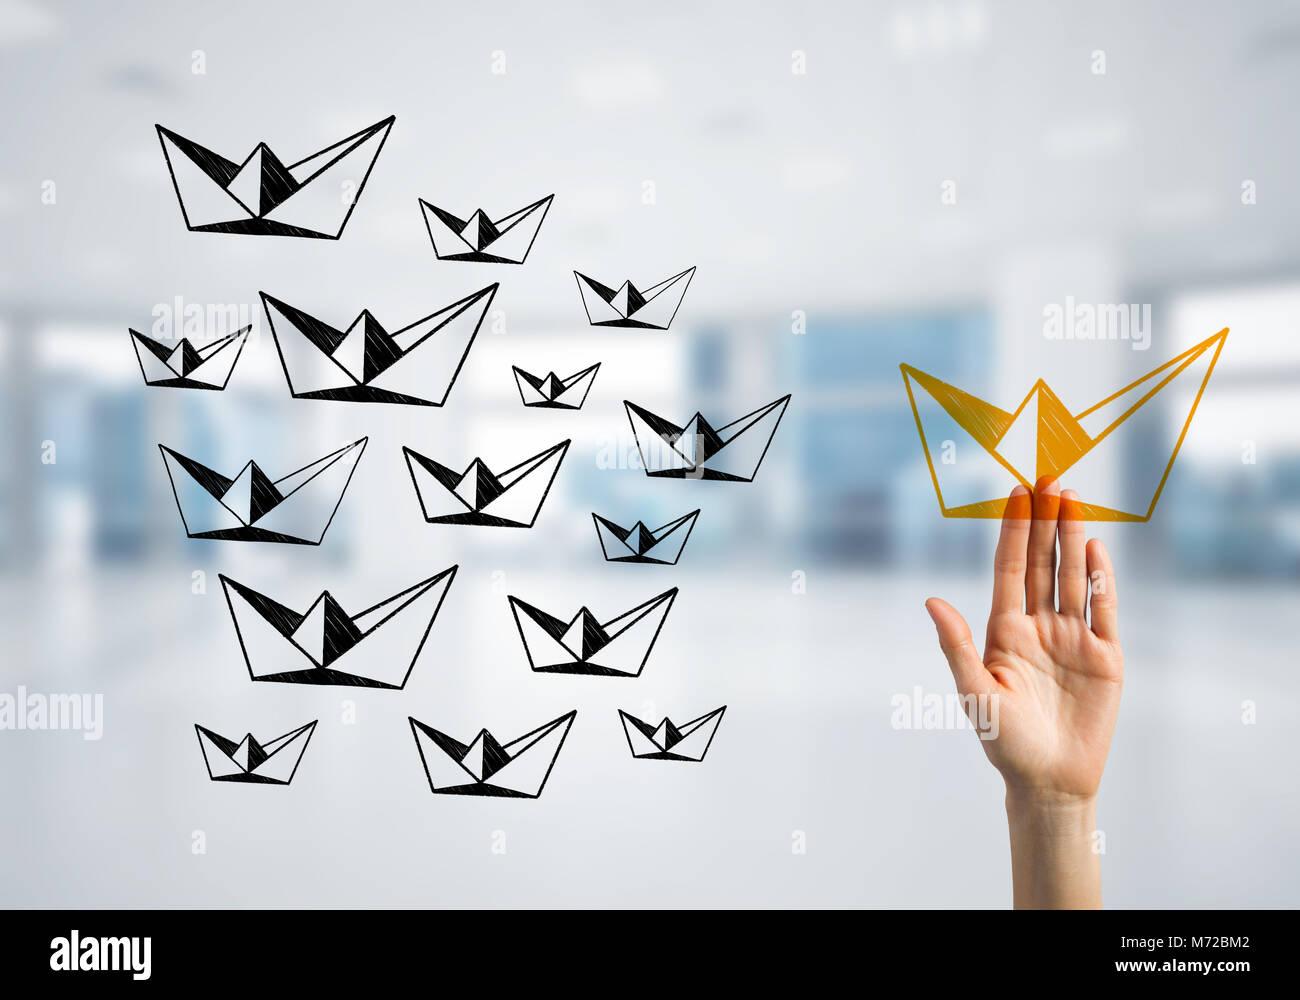 Concetto di leadership e di teamworking con molte icone e uno di essi in piedi fuori Immagini Stock